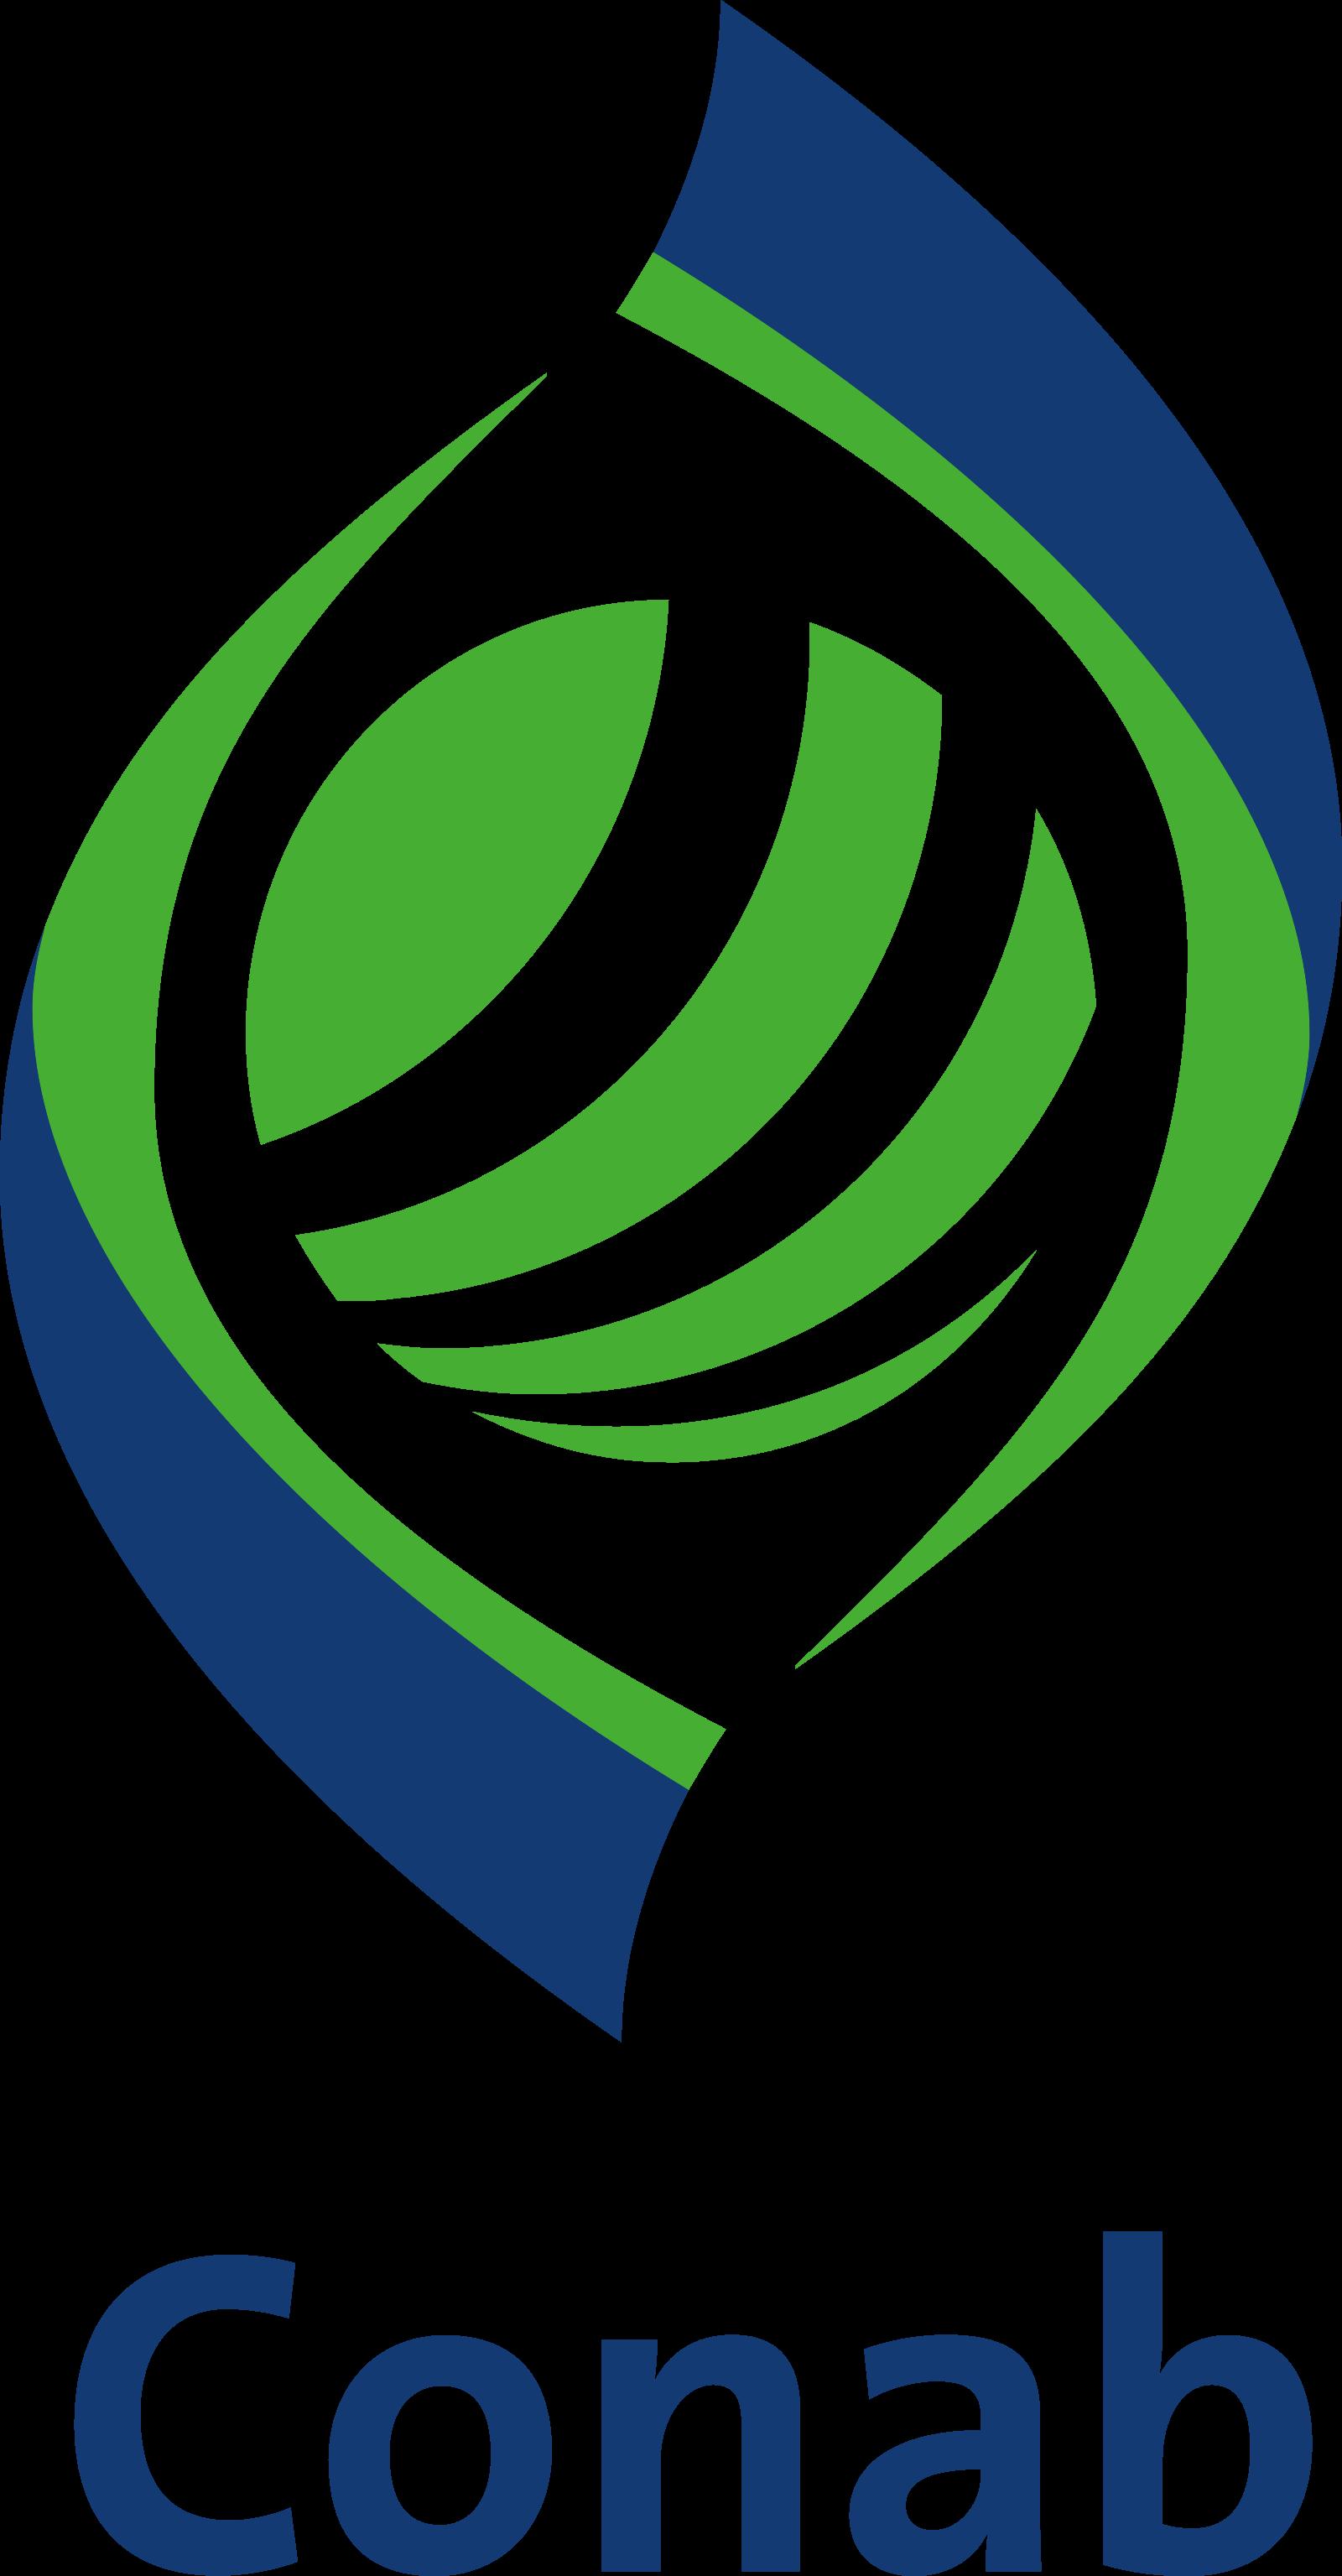 conab logo 5 - Conab Logo - Companhia Nacional de Abastecimento Logo